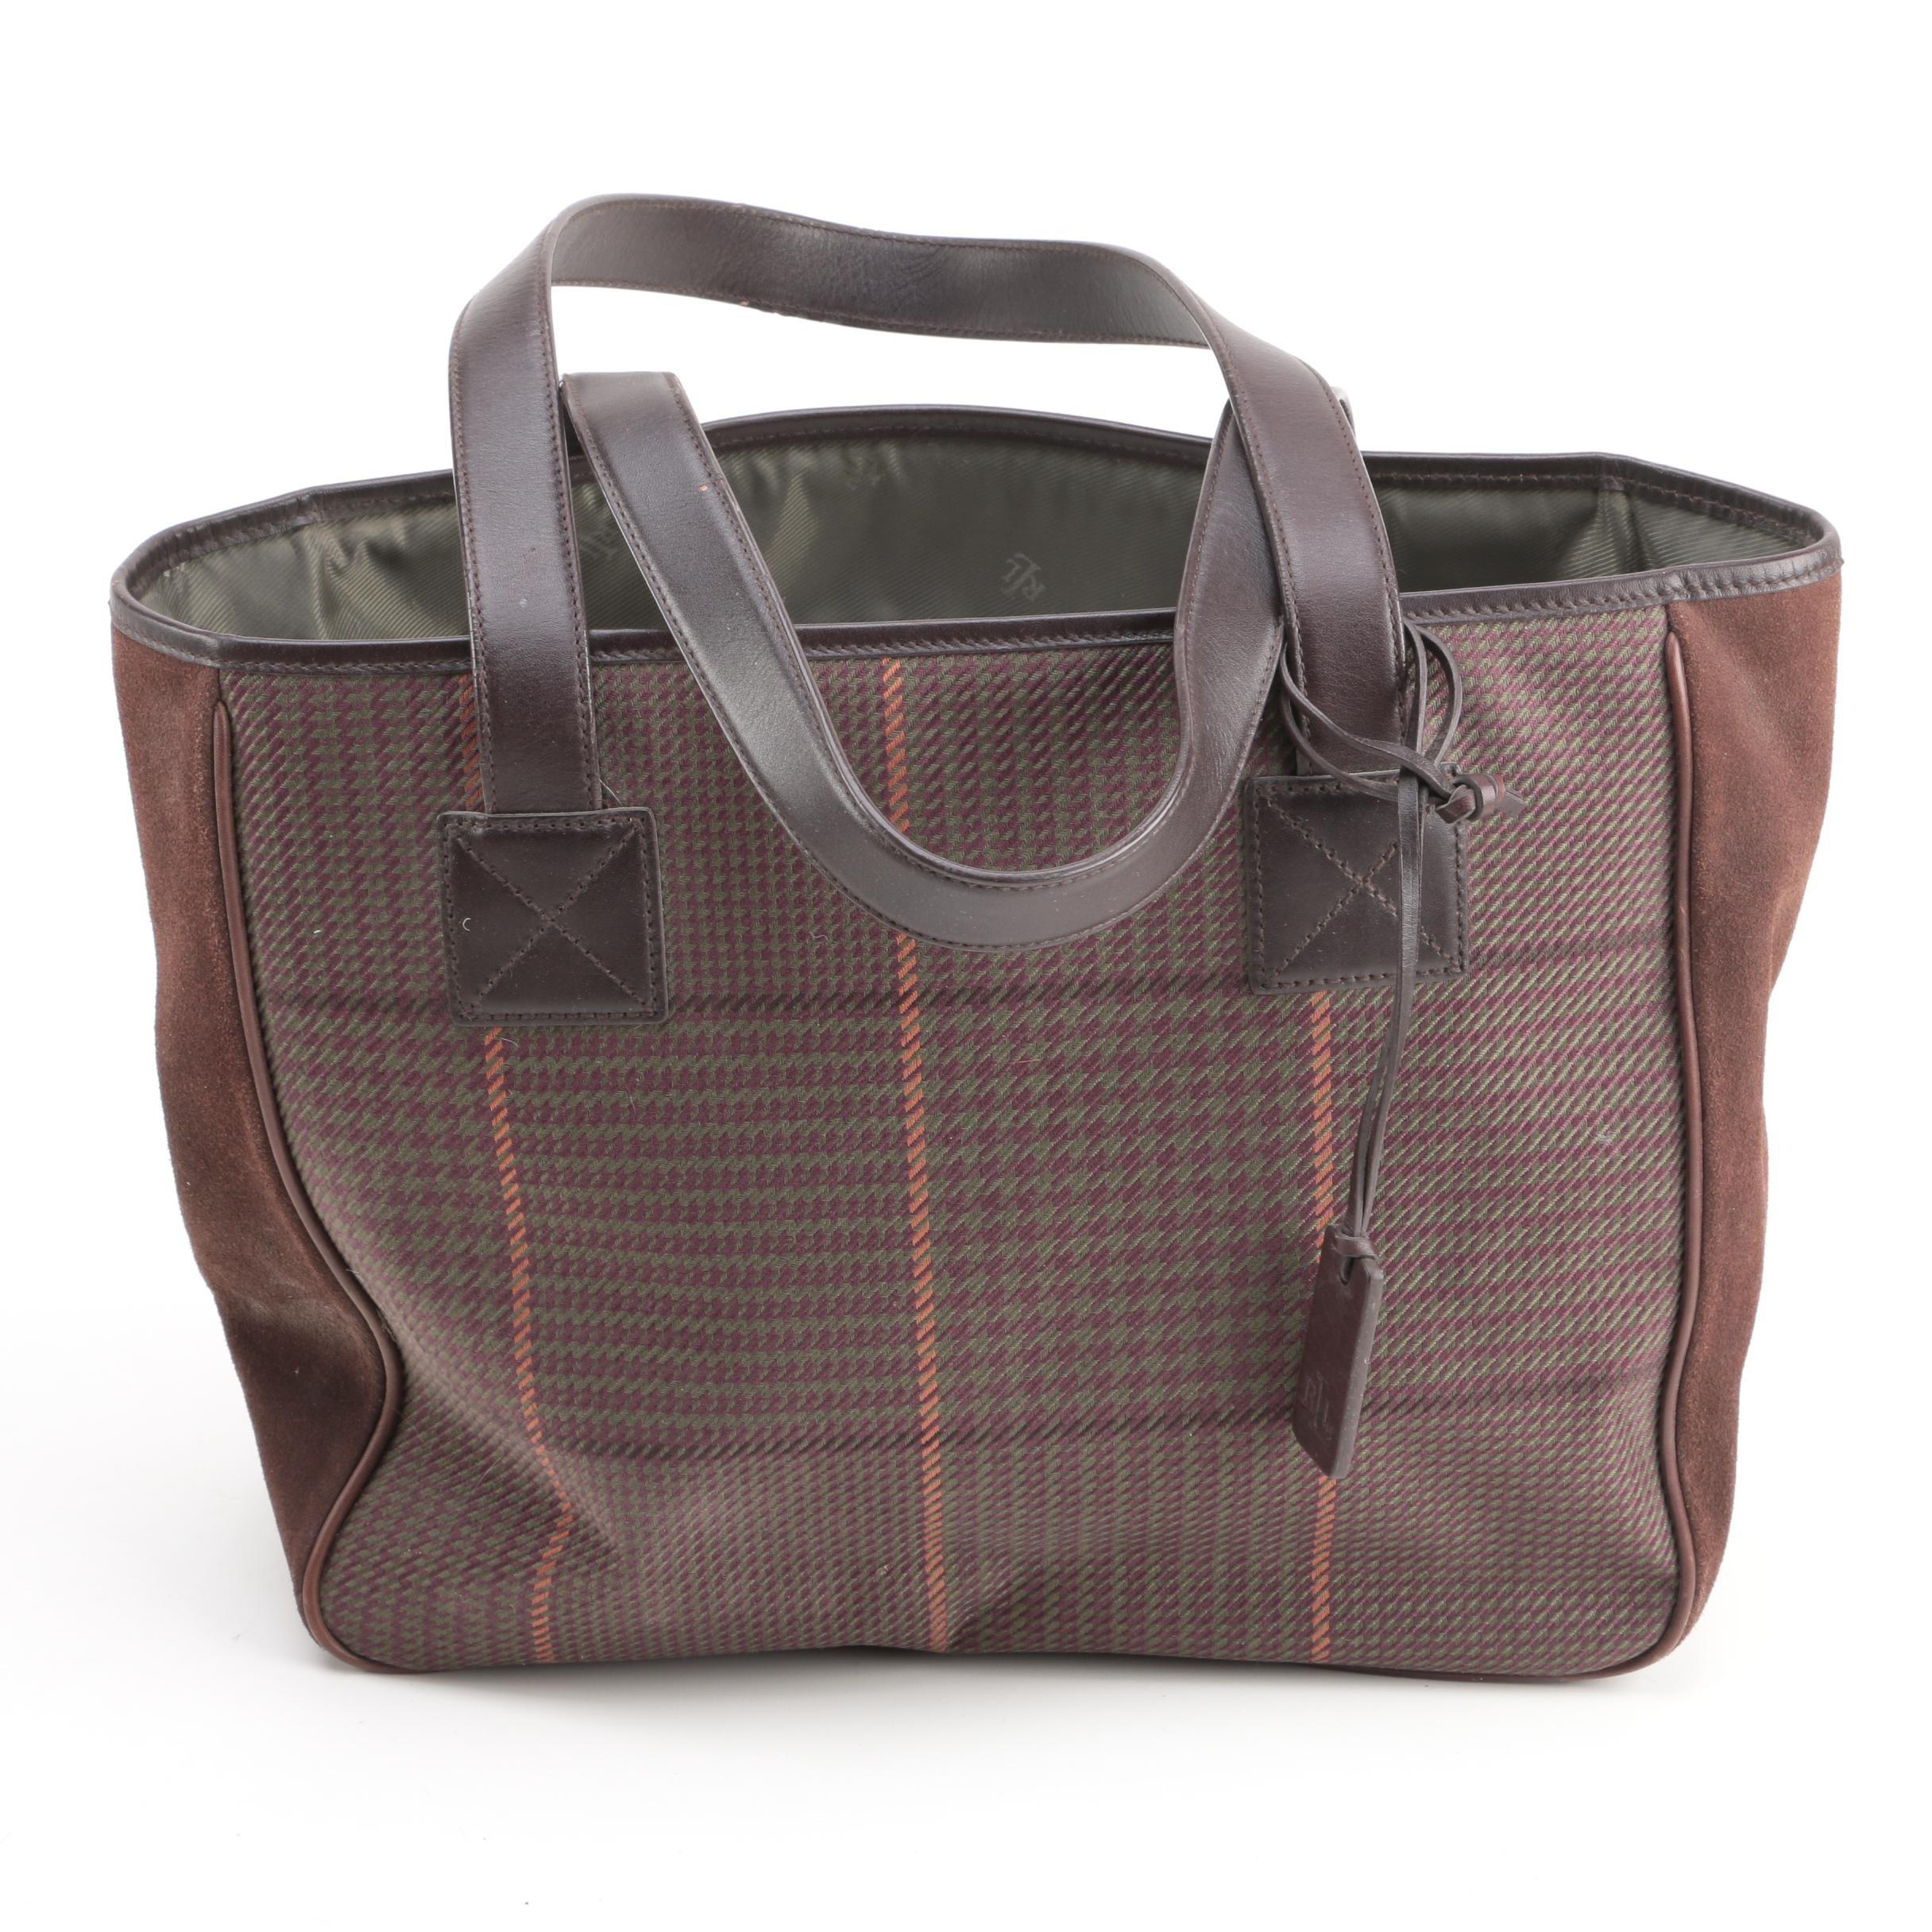 Lauren Ralph Lauren Houndstooth Handbag